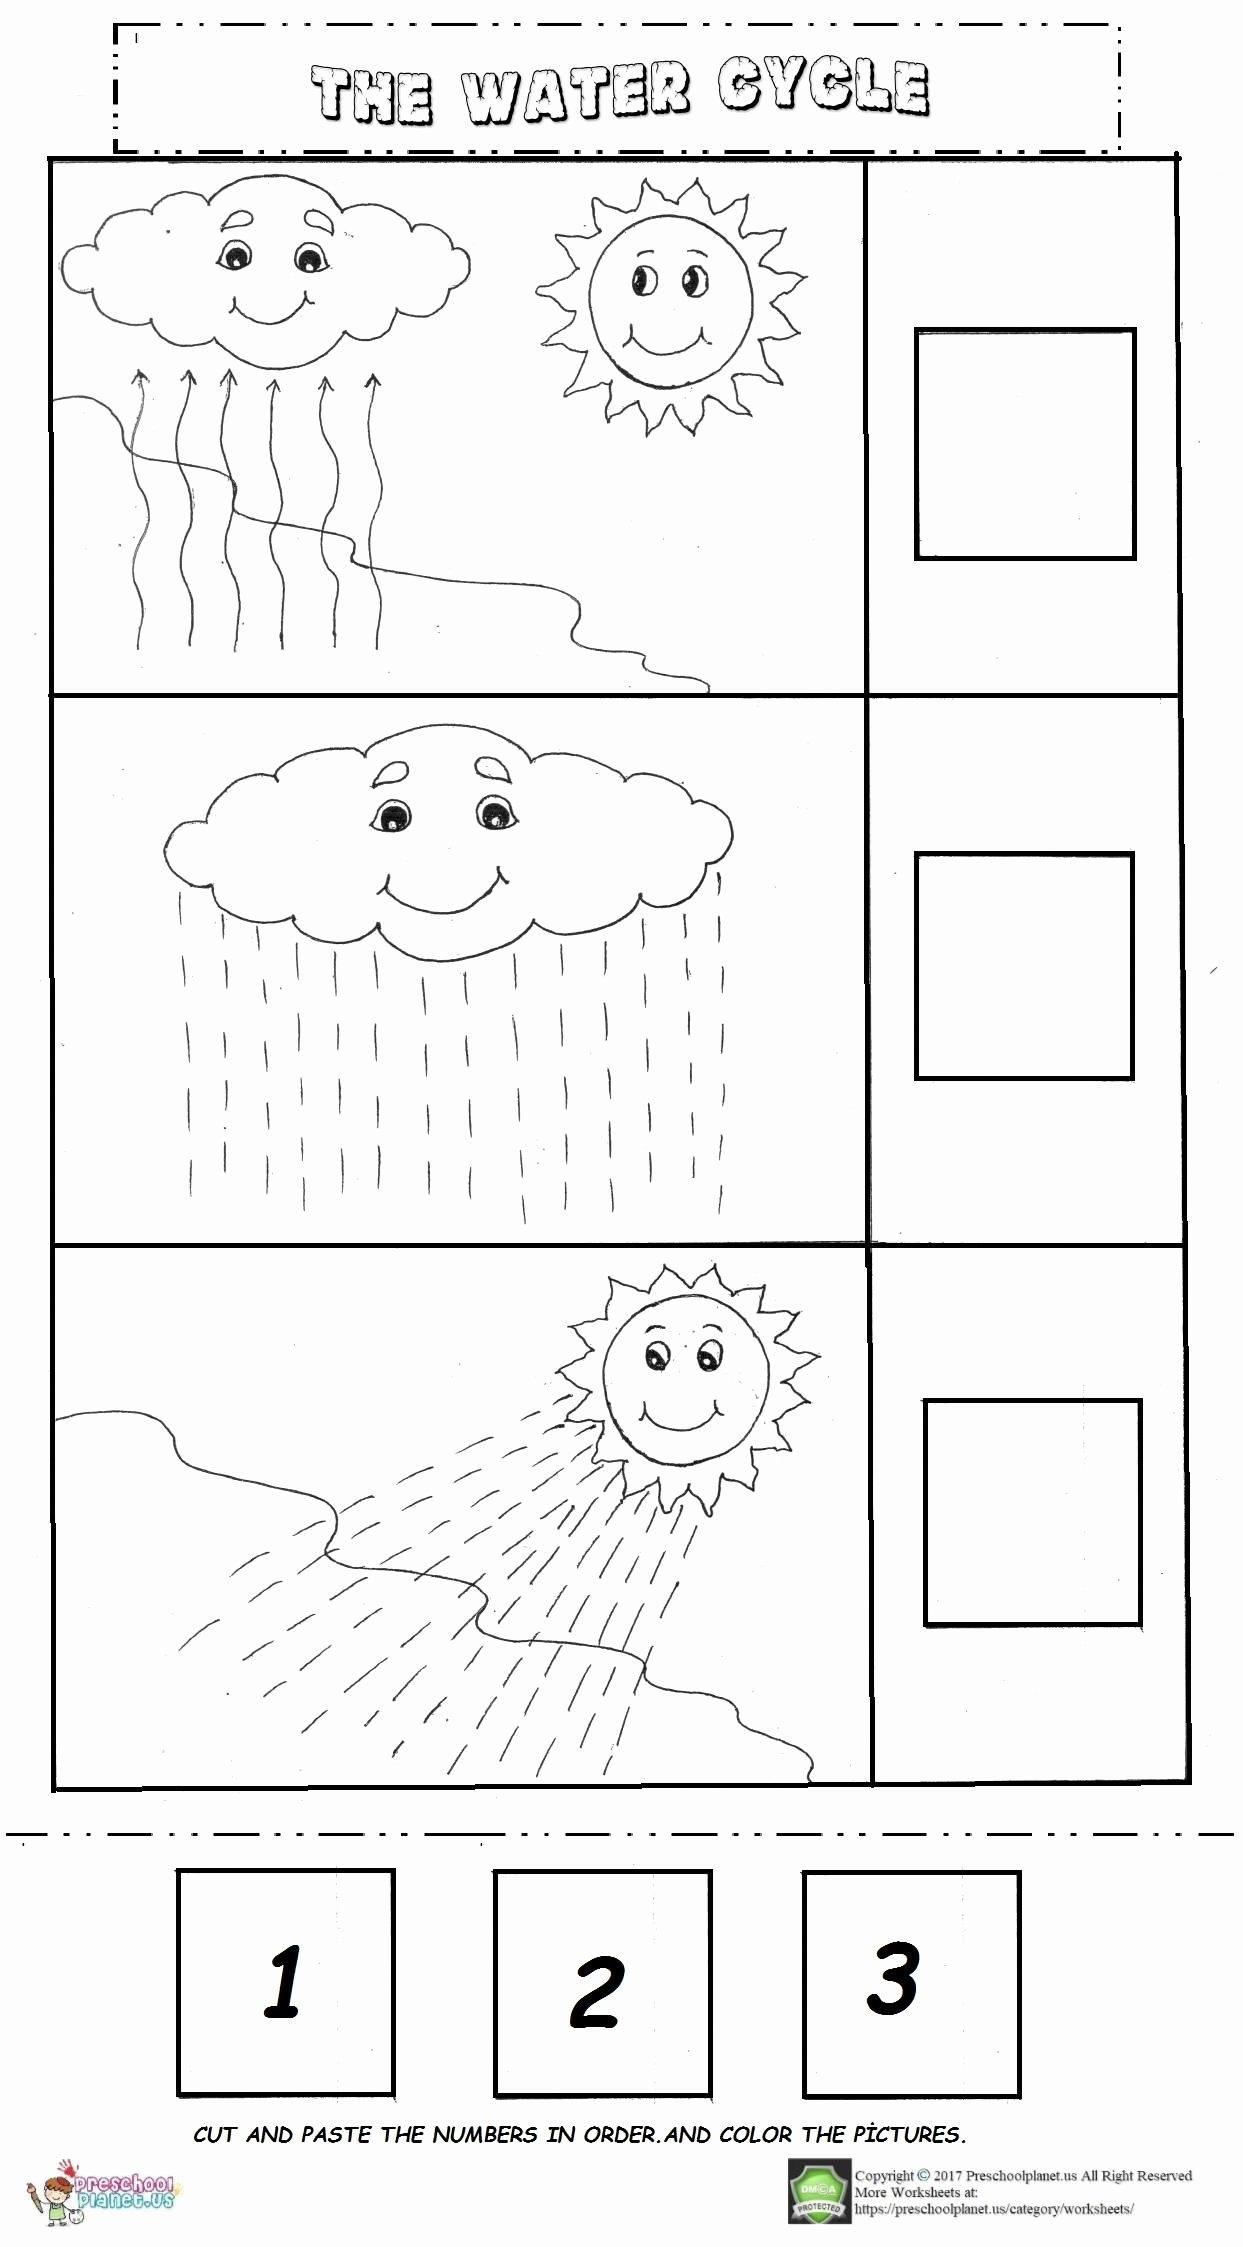 Water Worksheets for Preschoolers Lovely the Water Cycle Worksheet – Preschoolplanet